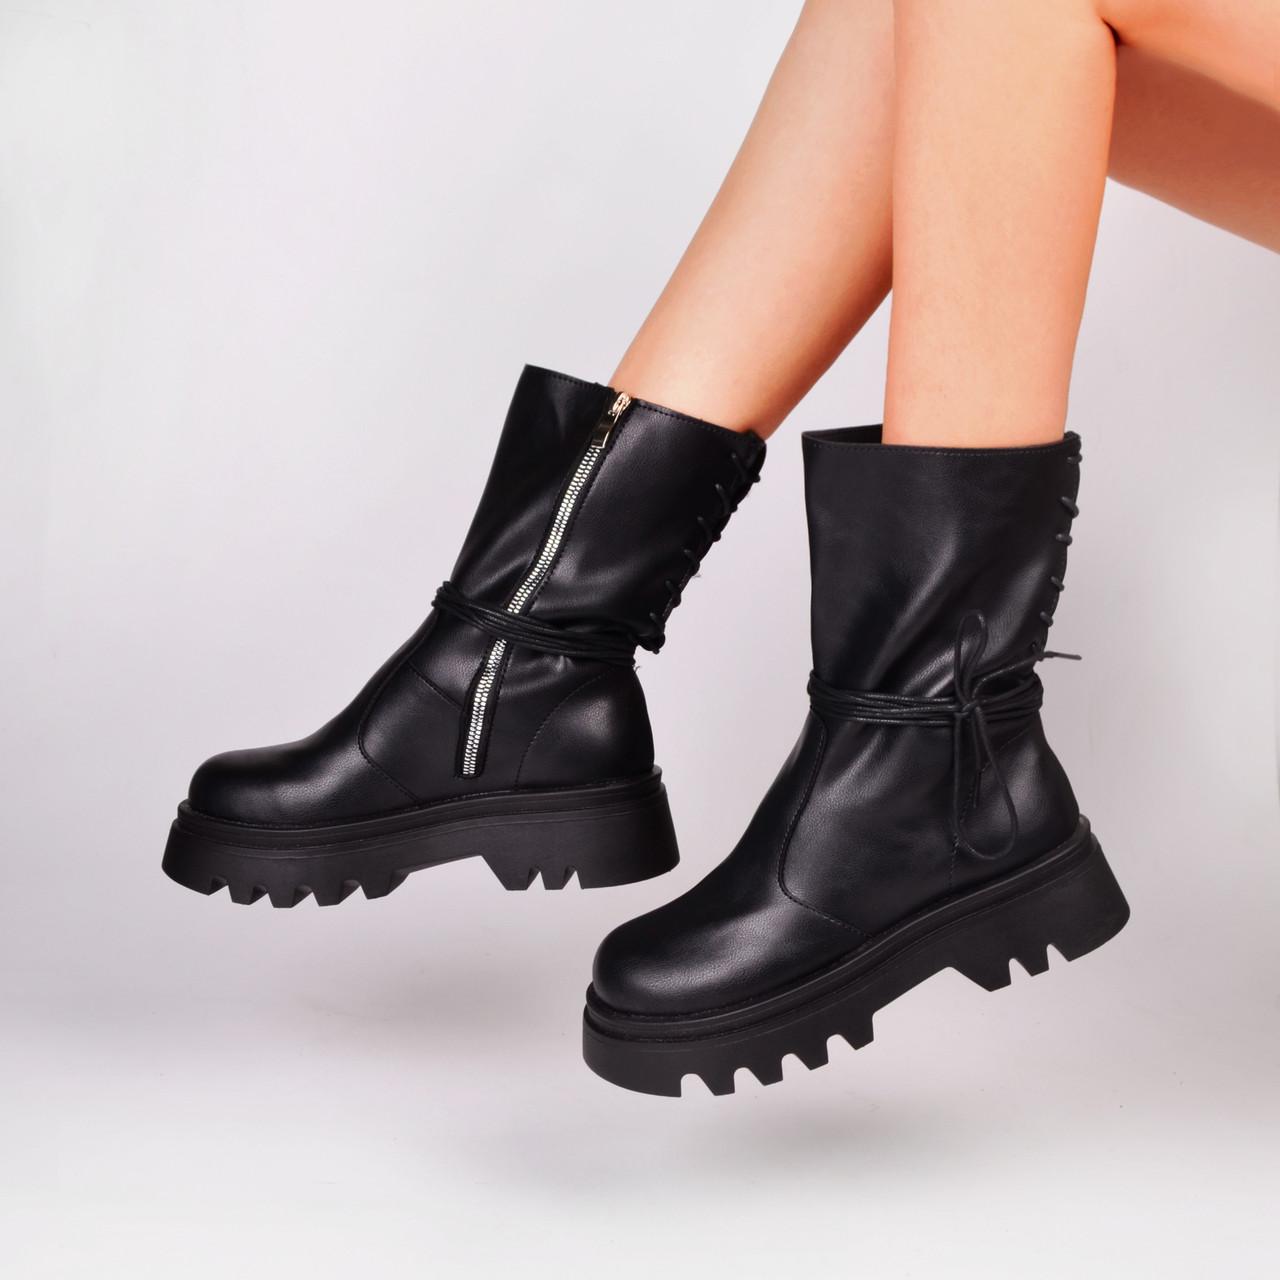 Женские высокие ботинки черные Остался 39 размер